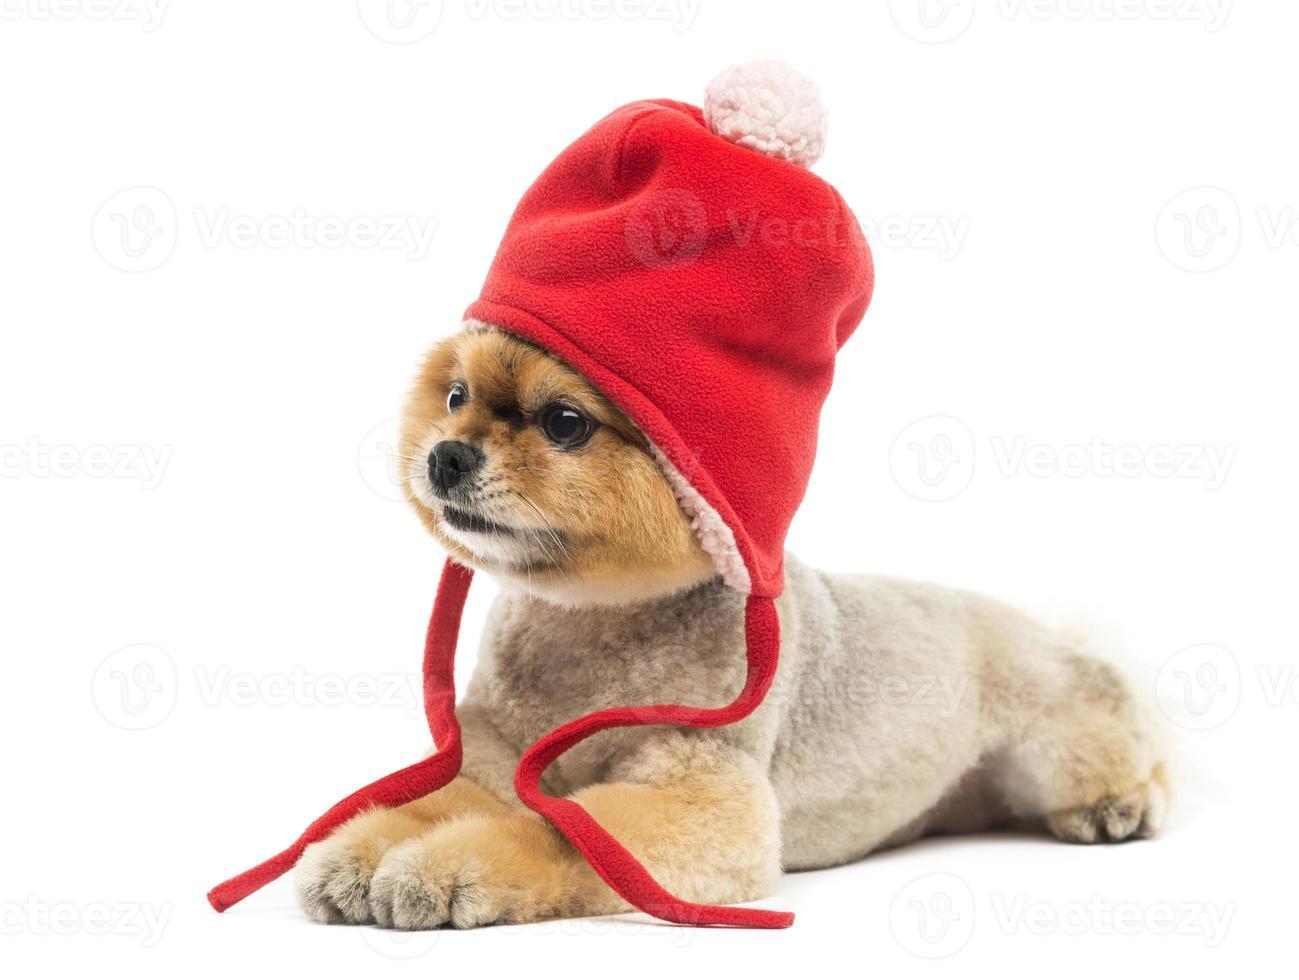 perro pomerania grommed acostado y vistiendo un gorro rojo foto